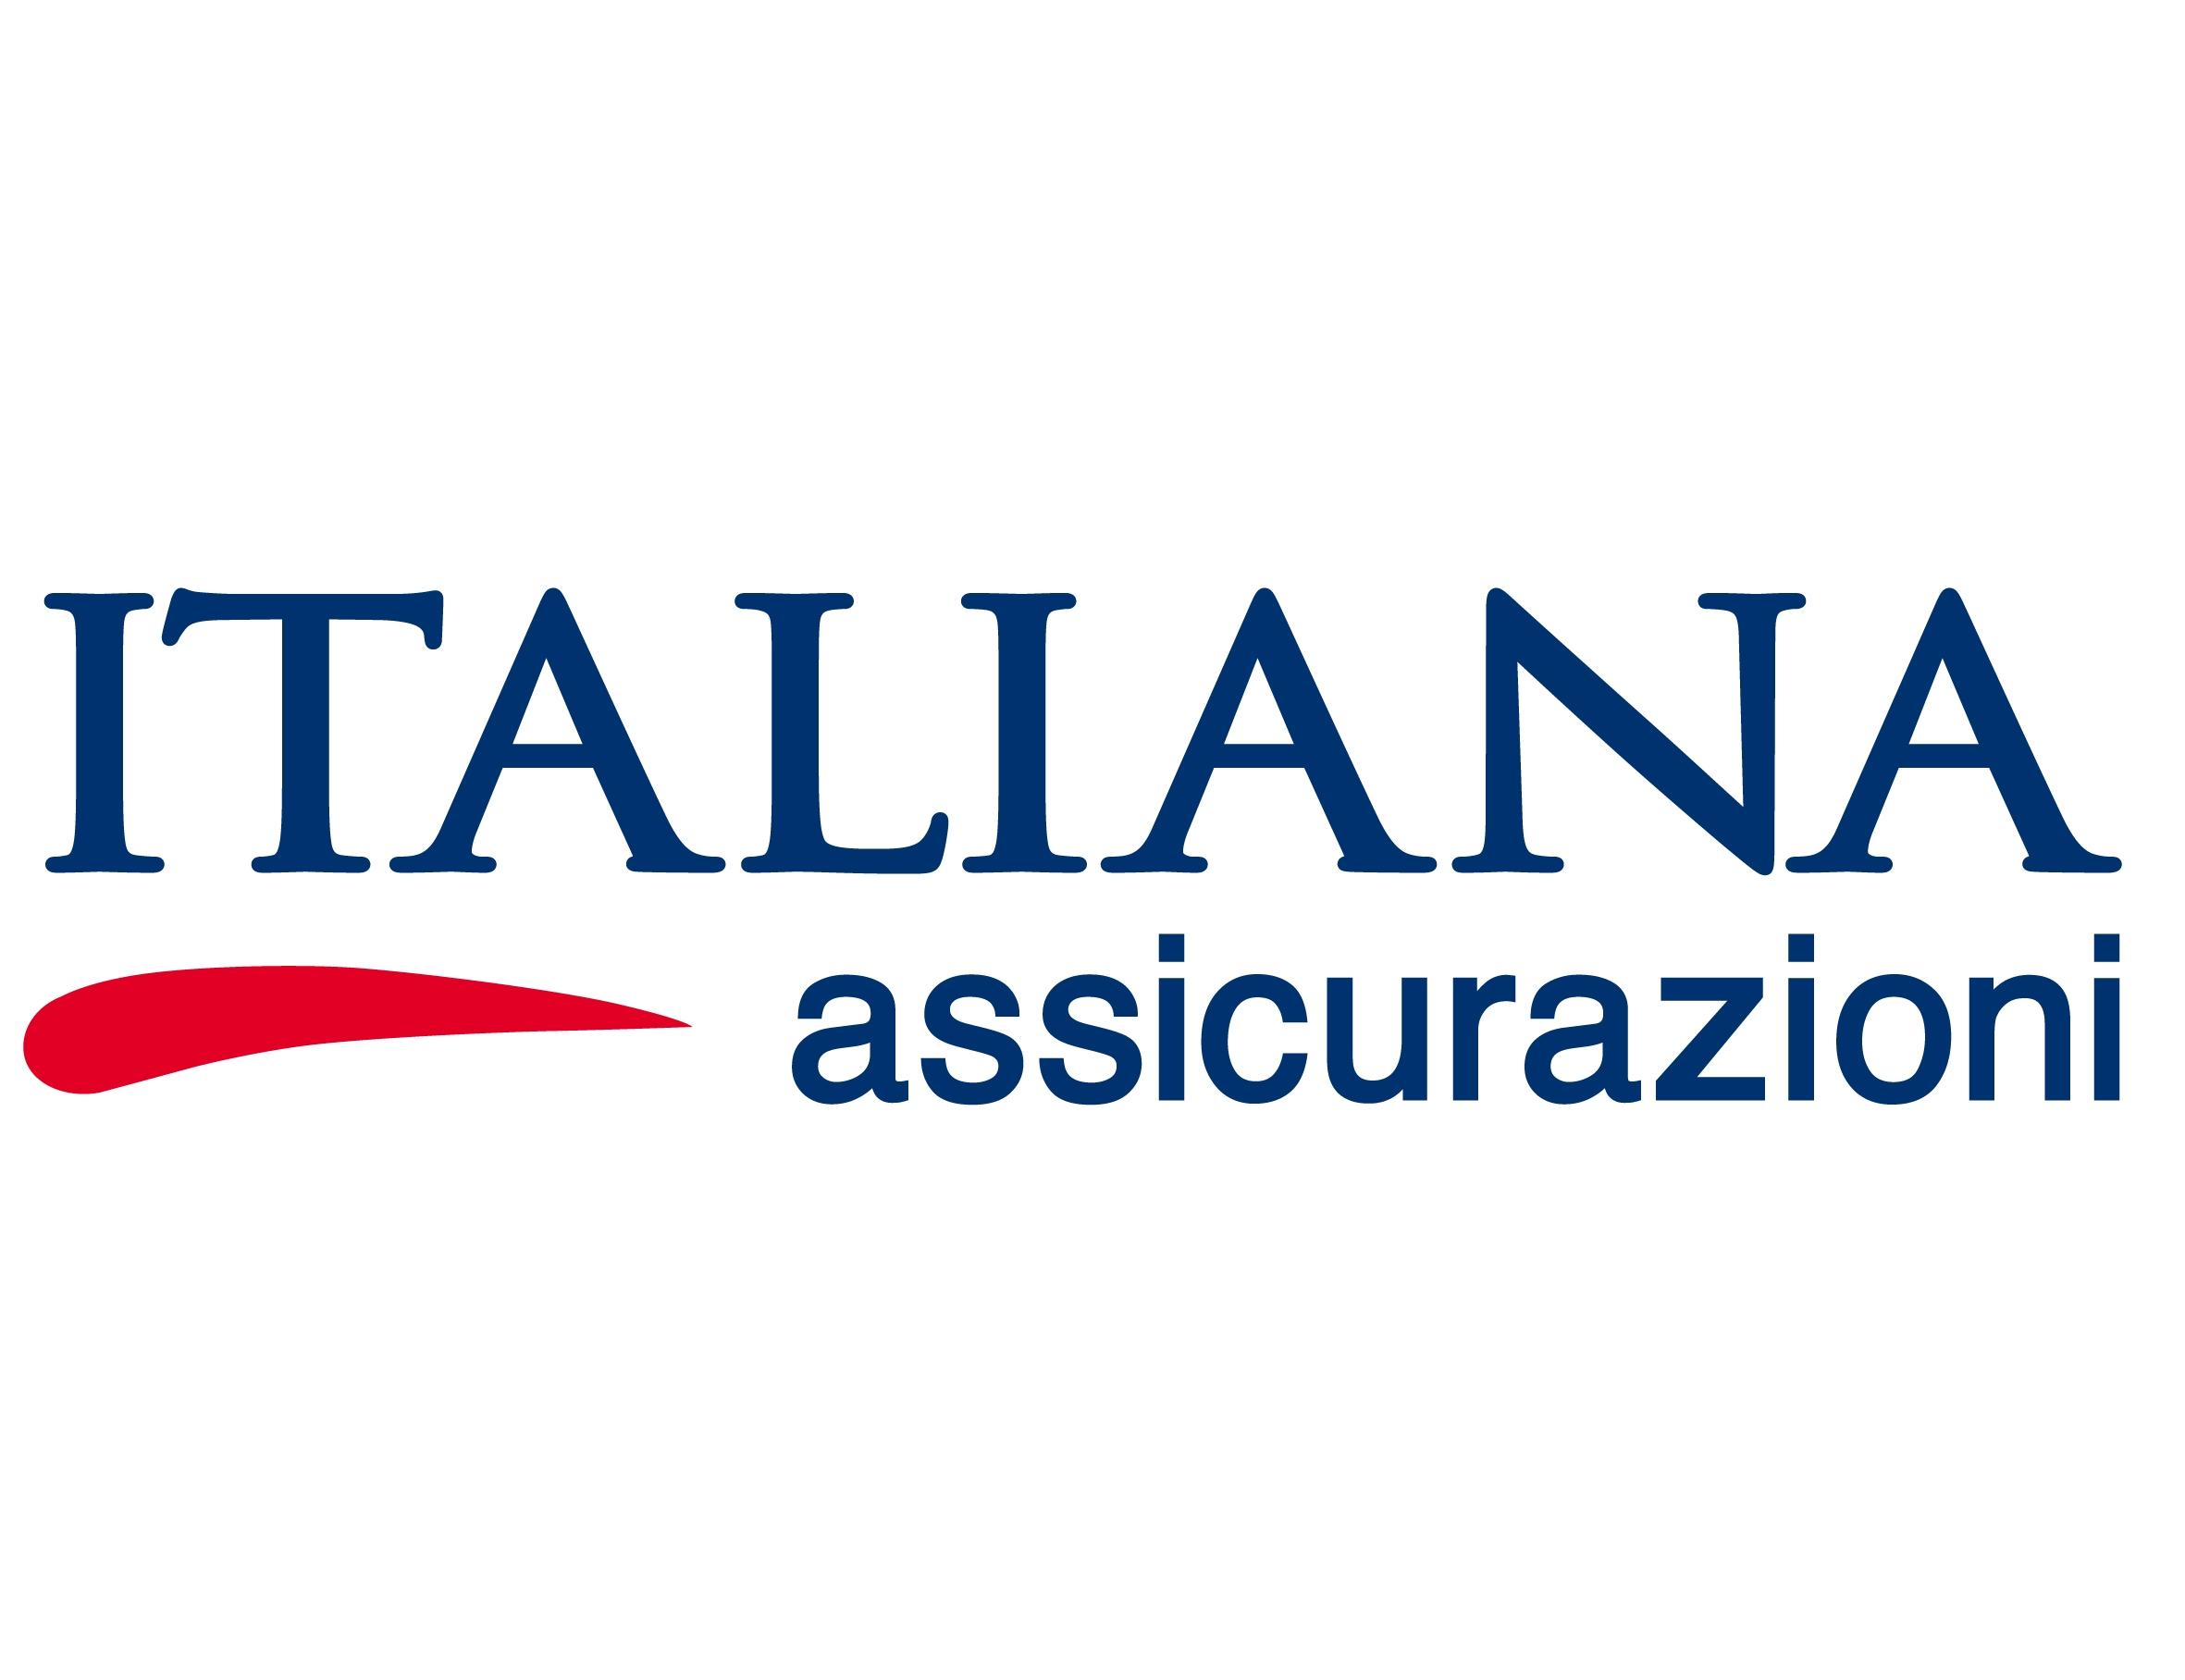 Italiana-Assicurazioni-